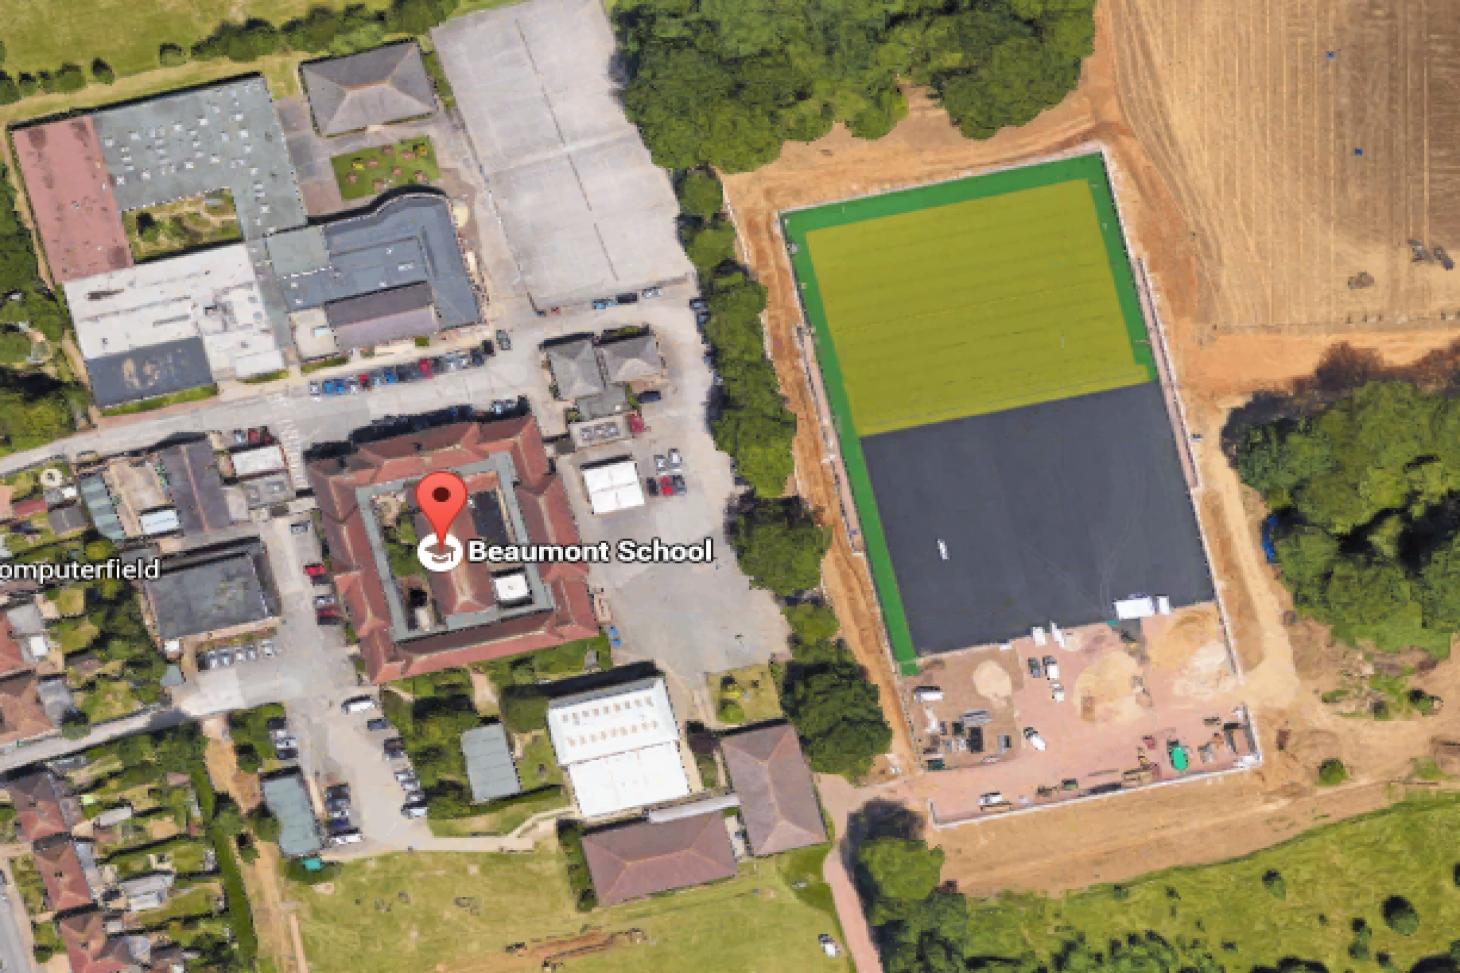 Beaumont School Outdoor | Hard (macadam) netball court